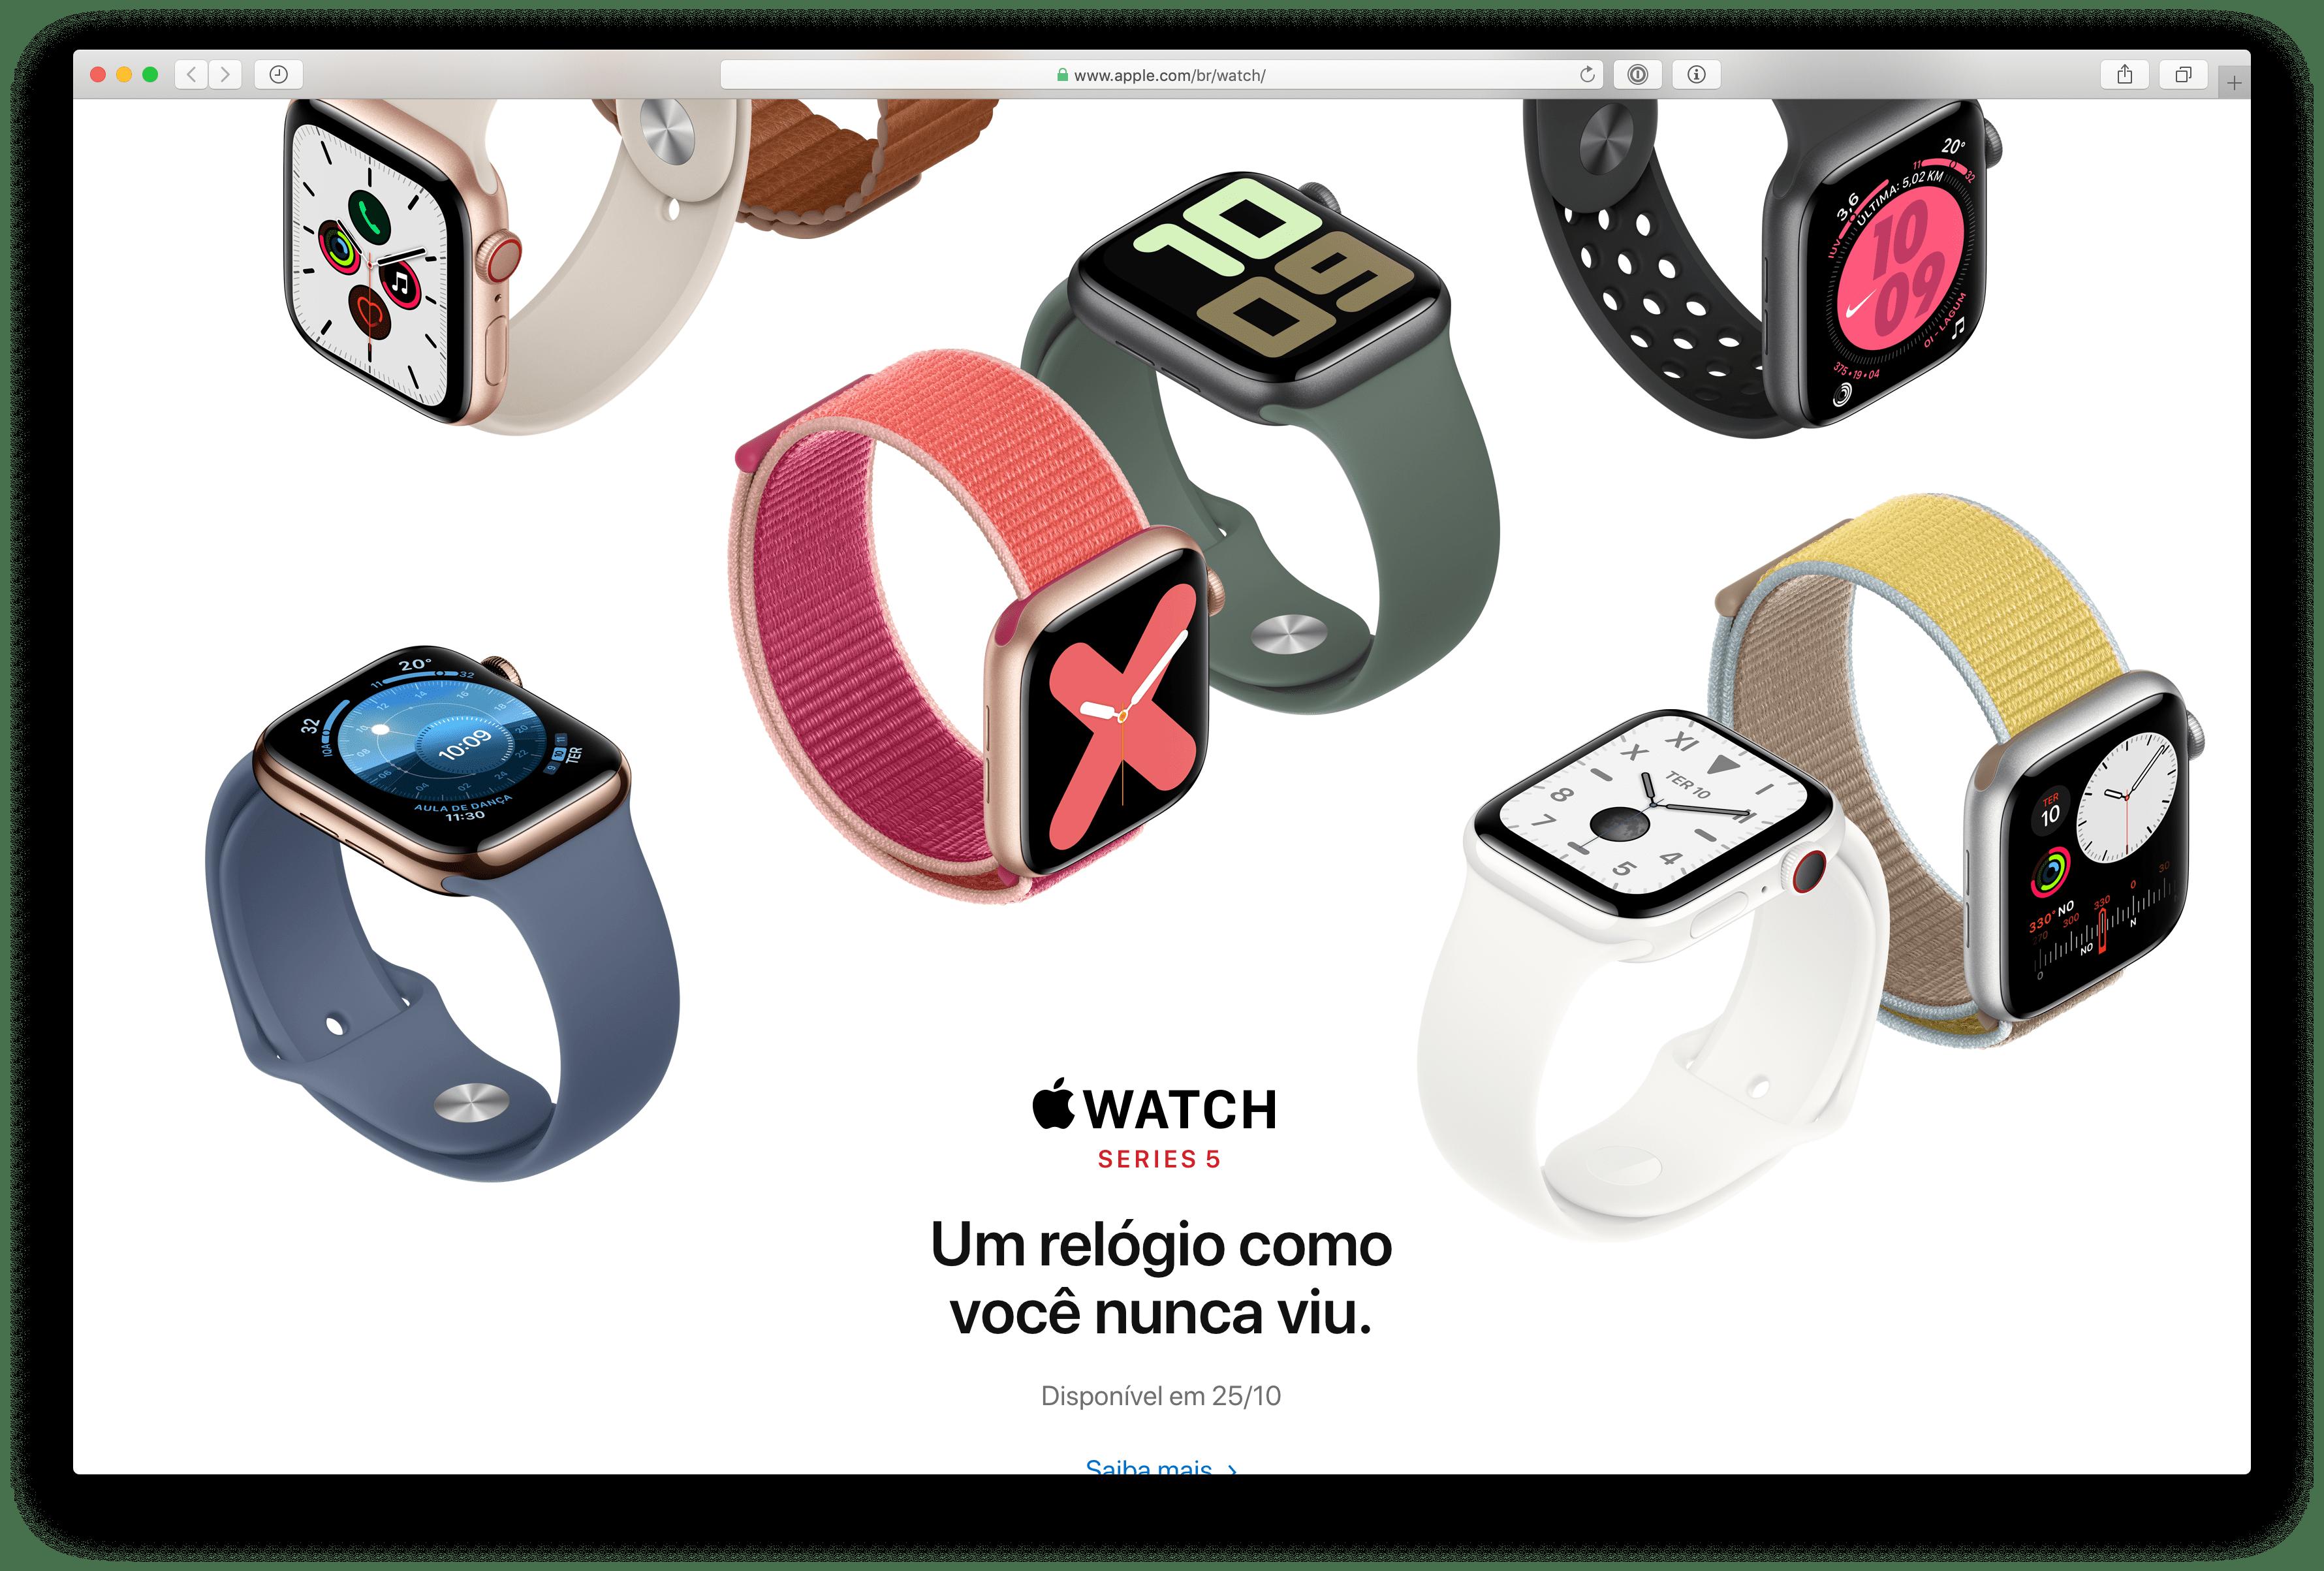 Apple Watch Series 5 ilmub Brasiilias 25. oktoobril